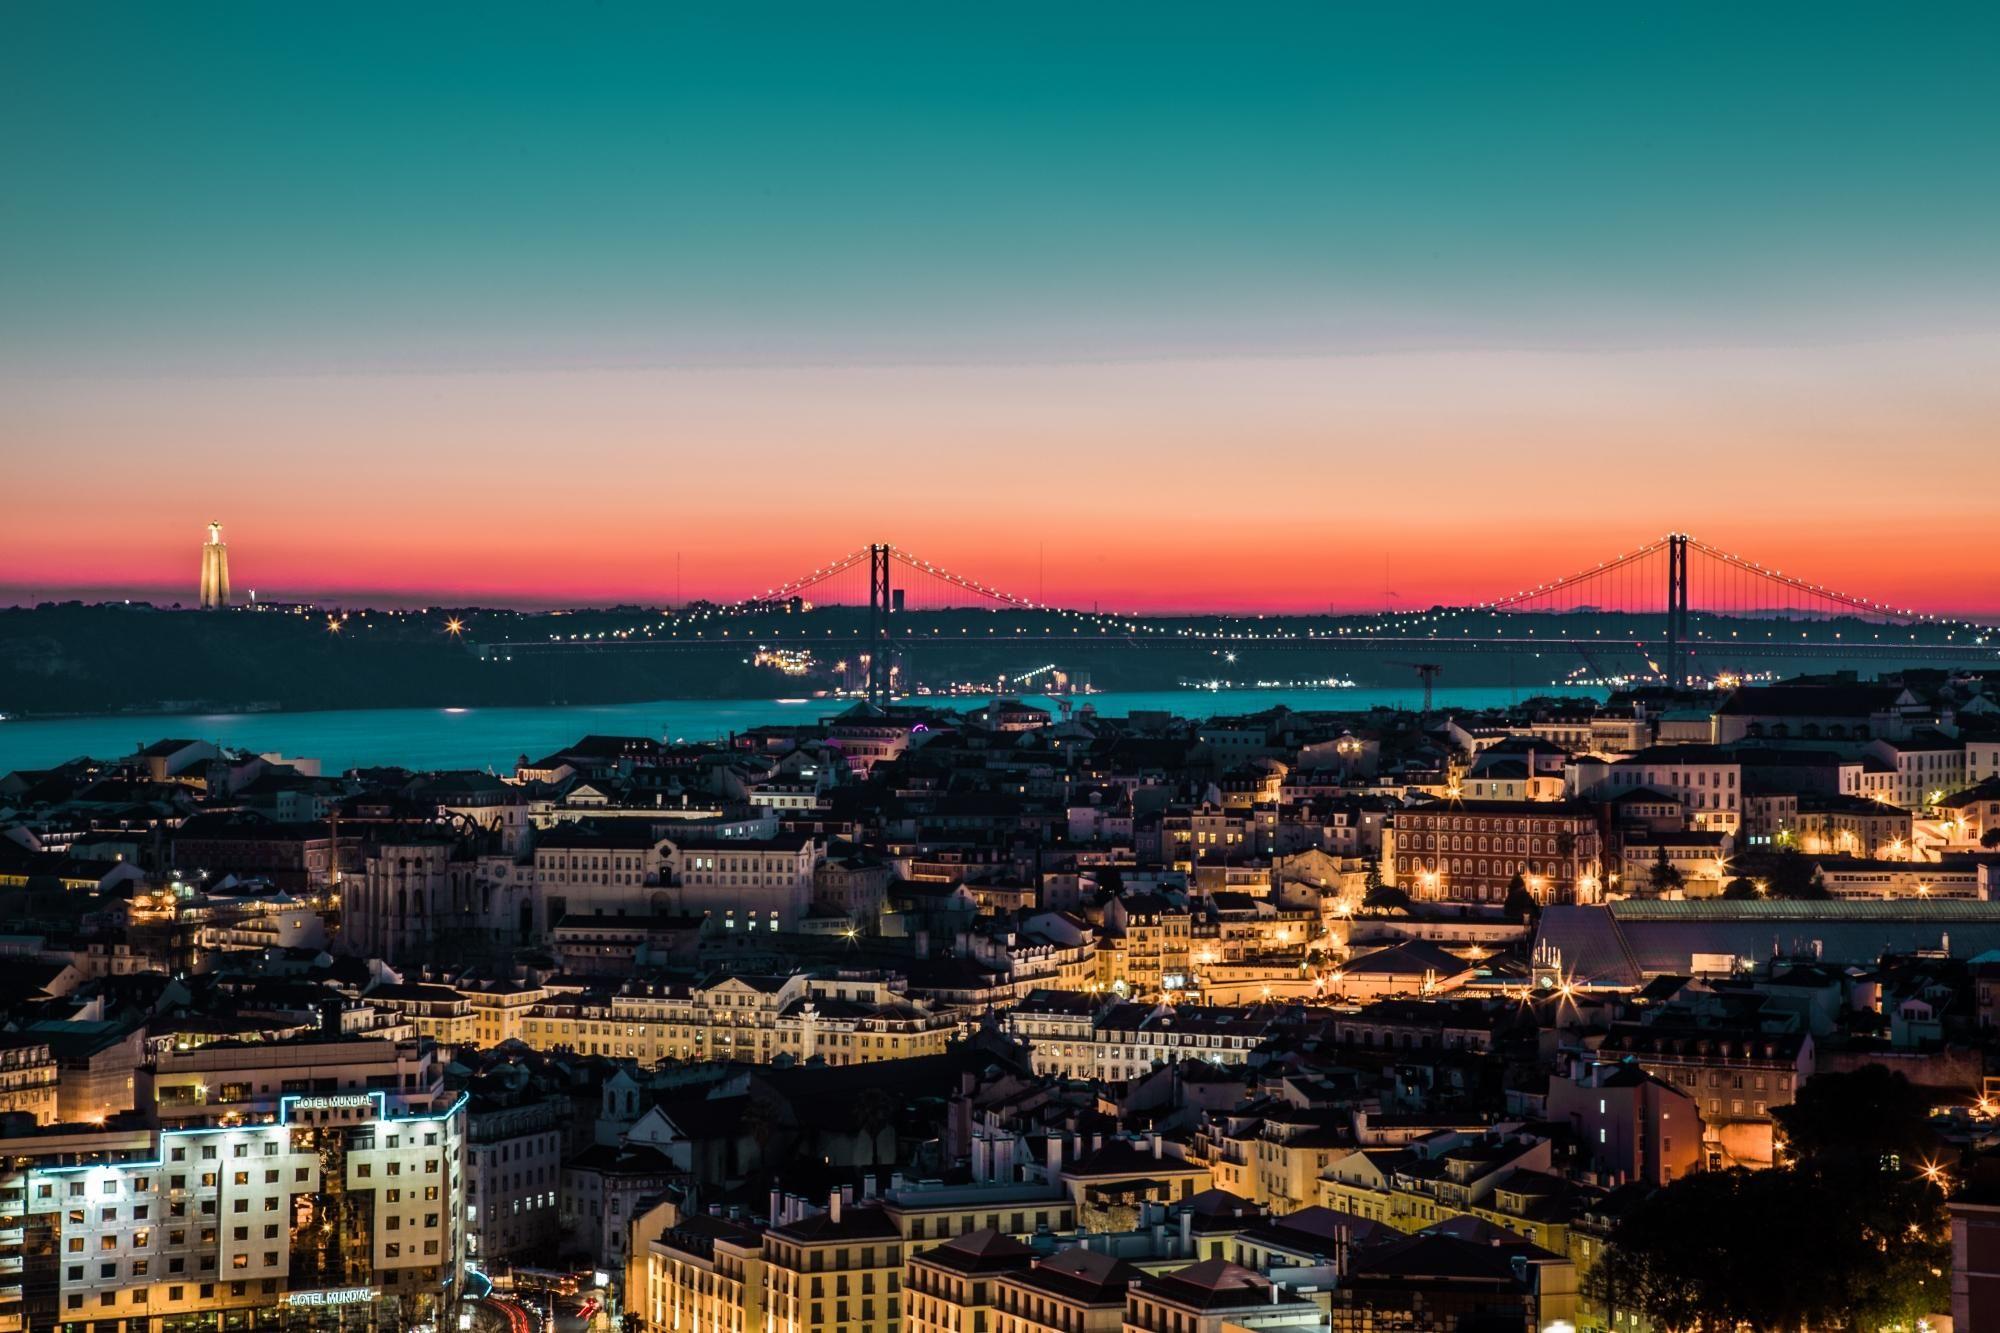 Miradouro Da Senhora Do Monte Lisbon Portugal Top Tips Before You Go Tripadvisor Visit Portugal Portugal Travel Lisbon Portugal